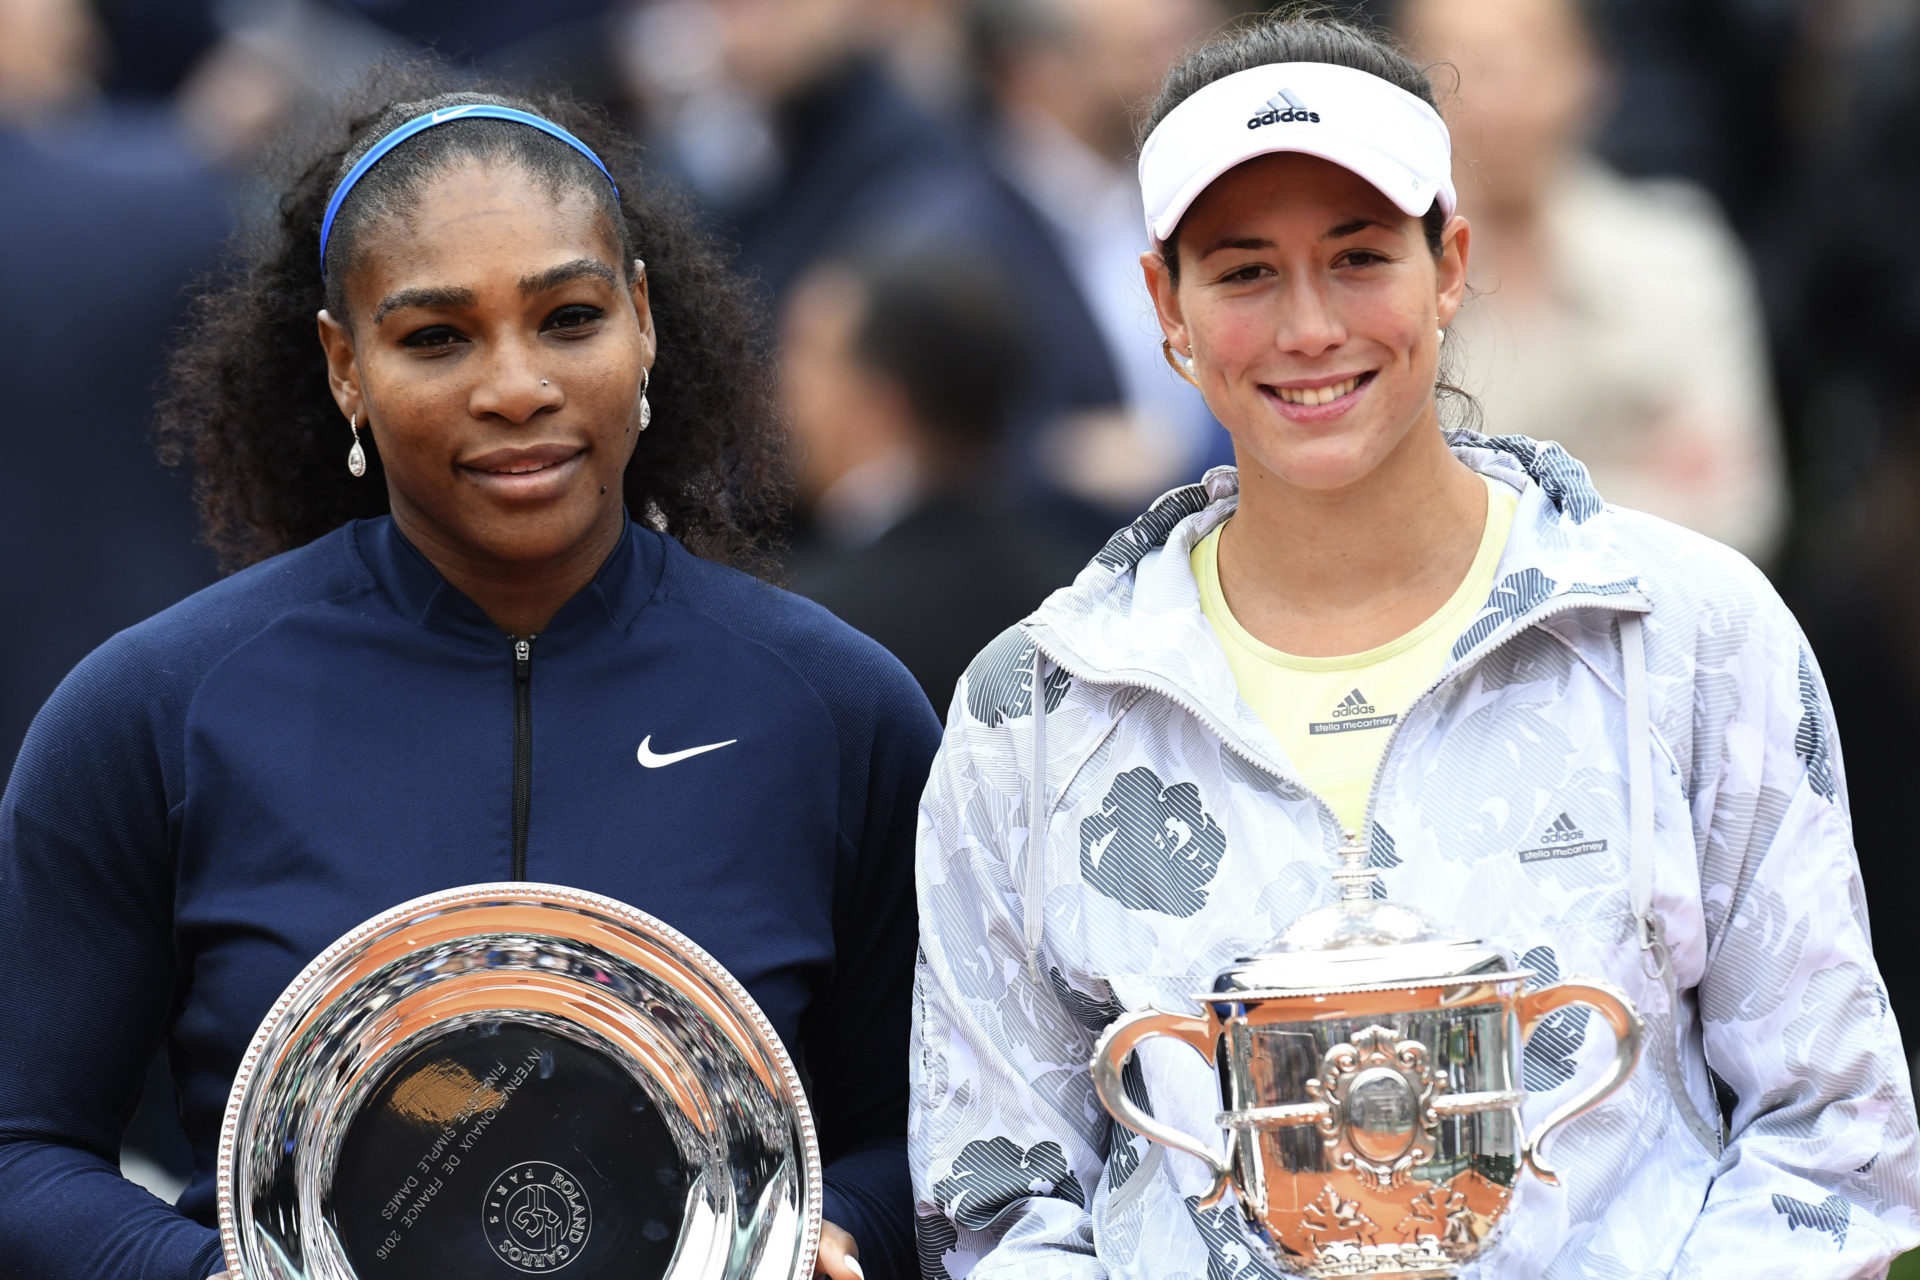 Fotografía de Garbiñe Muguruza y Serena Williams con copas de campeona y subcampeona de Roland Garros 2016